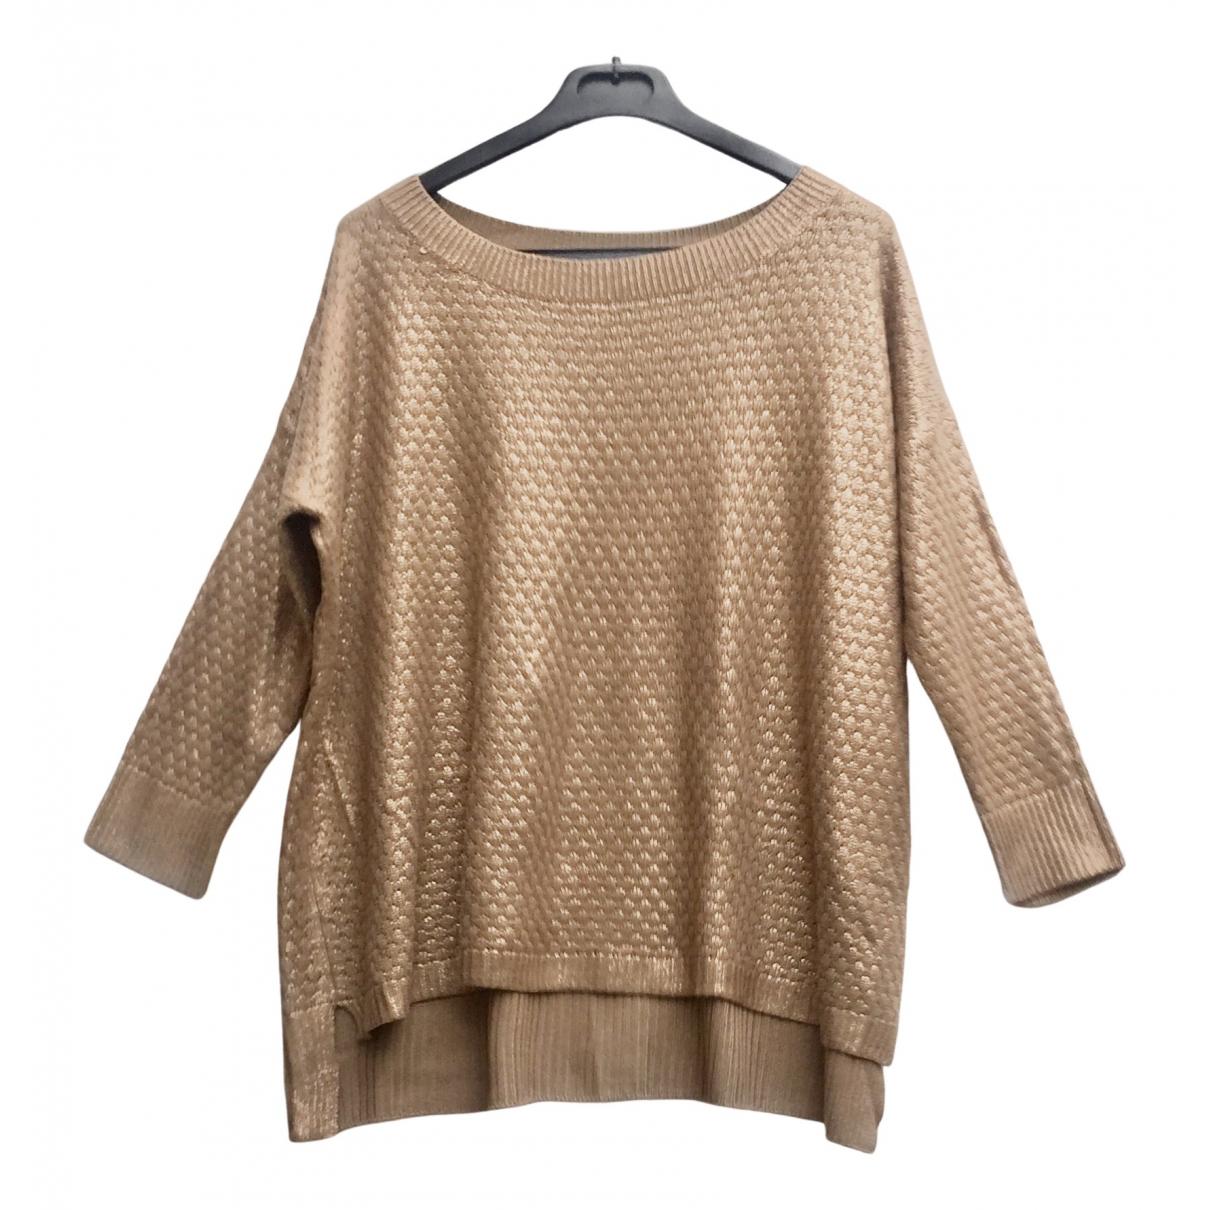 Club Monaco \N Knitwear for Women S International